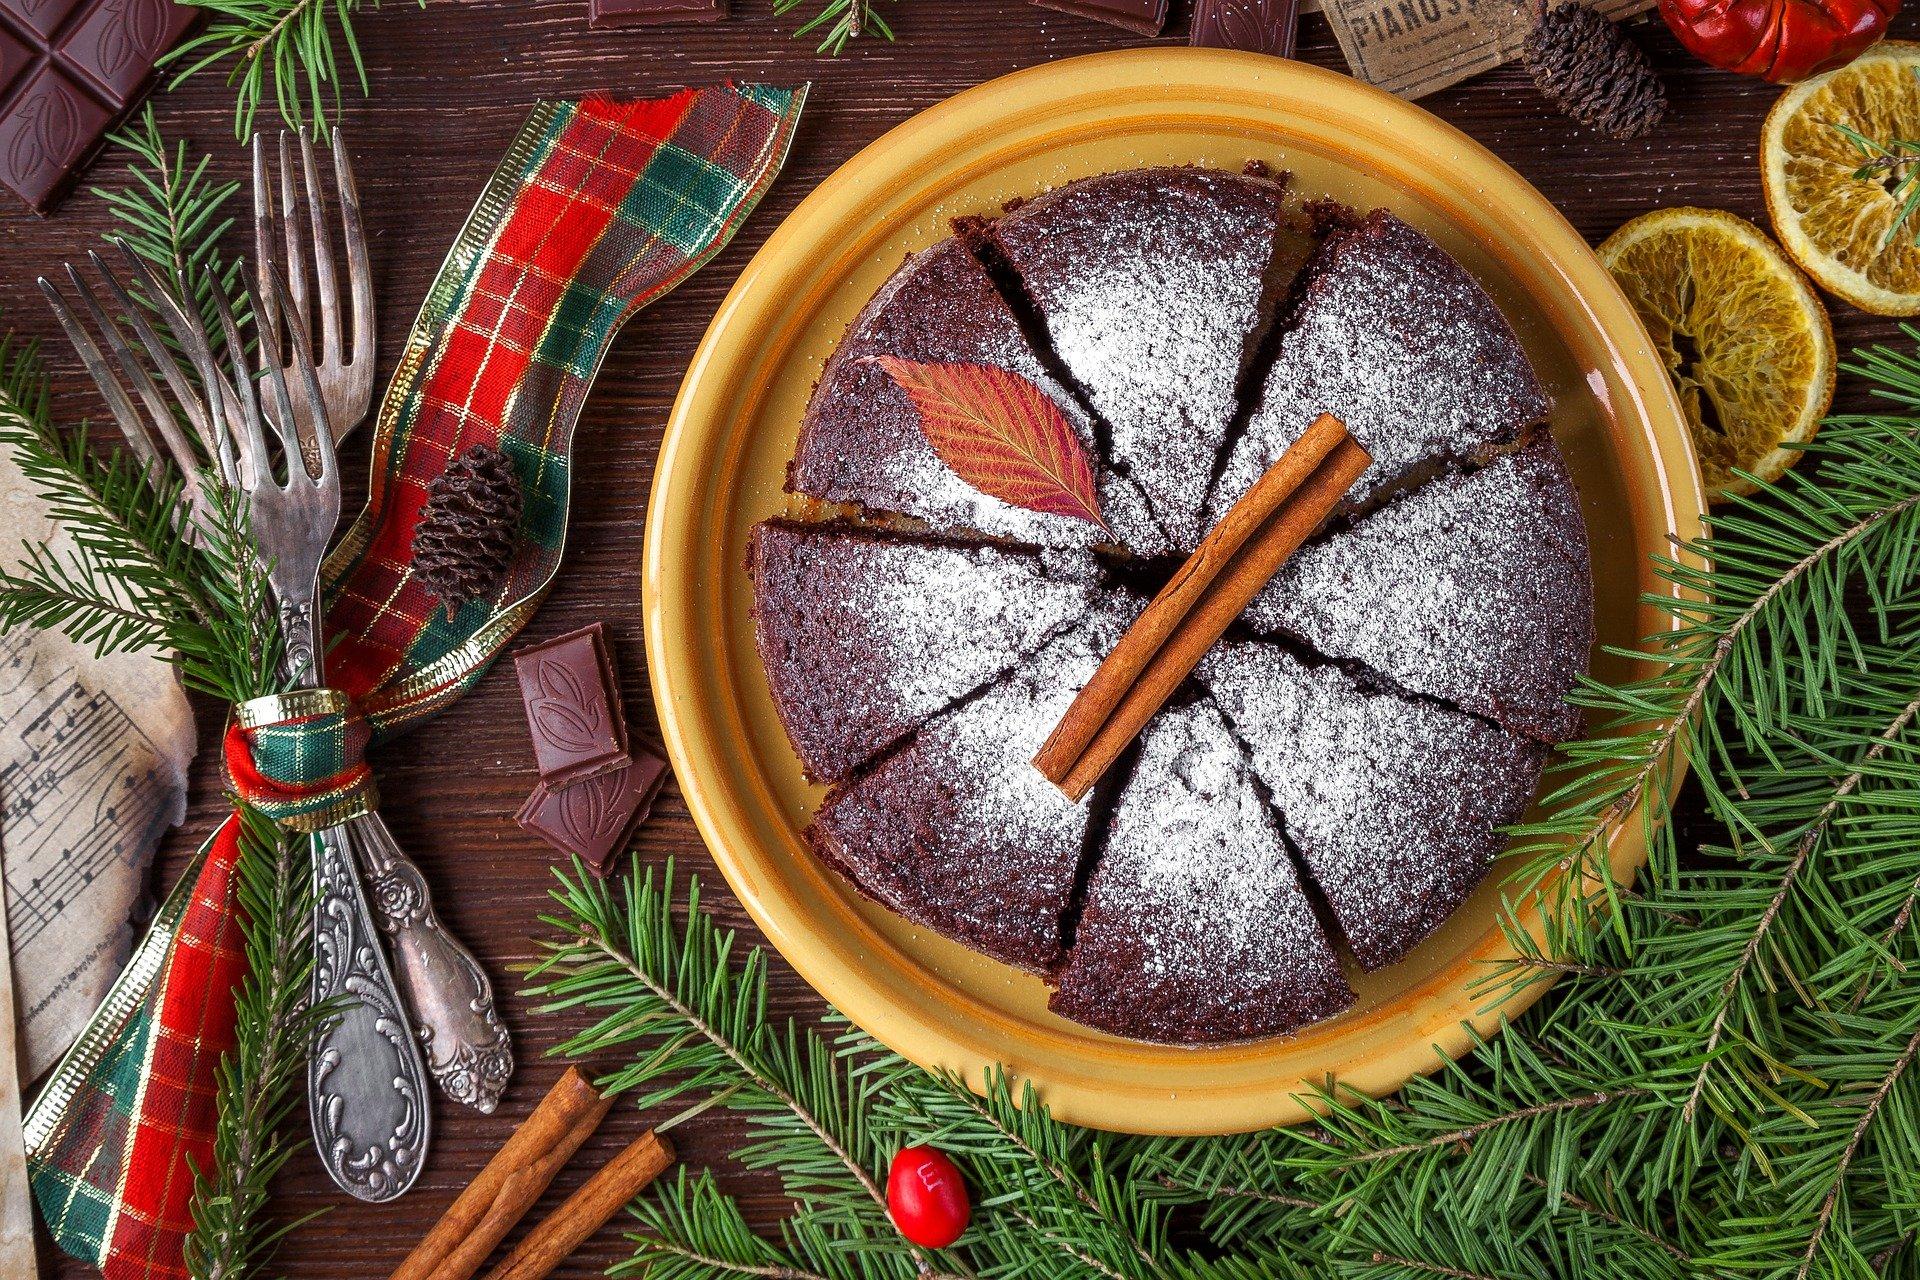 Ciasto świąteczne na żółtym talerzu, obok dekoracja świąteczna z gałązek choinki, cynamonu i suszonych pomarańczy